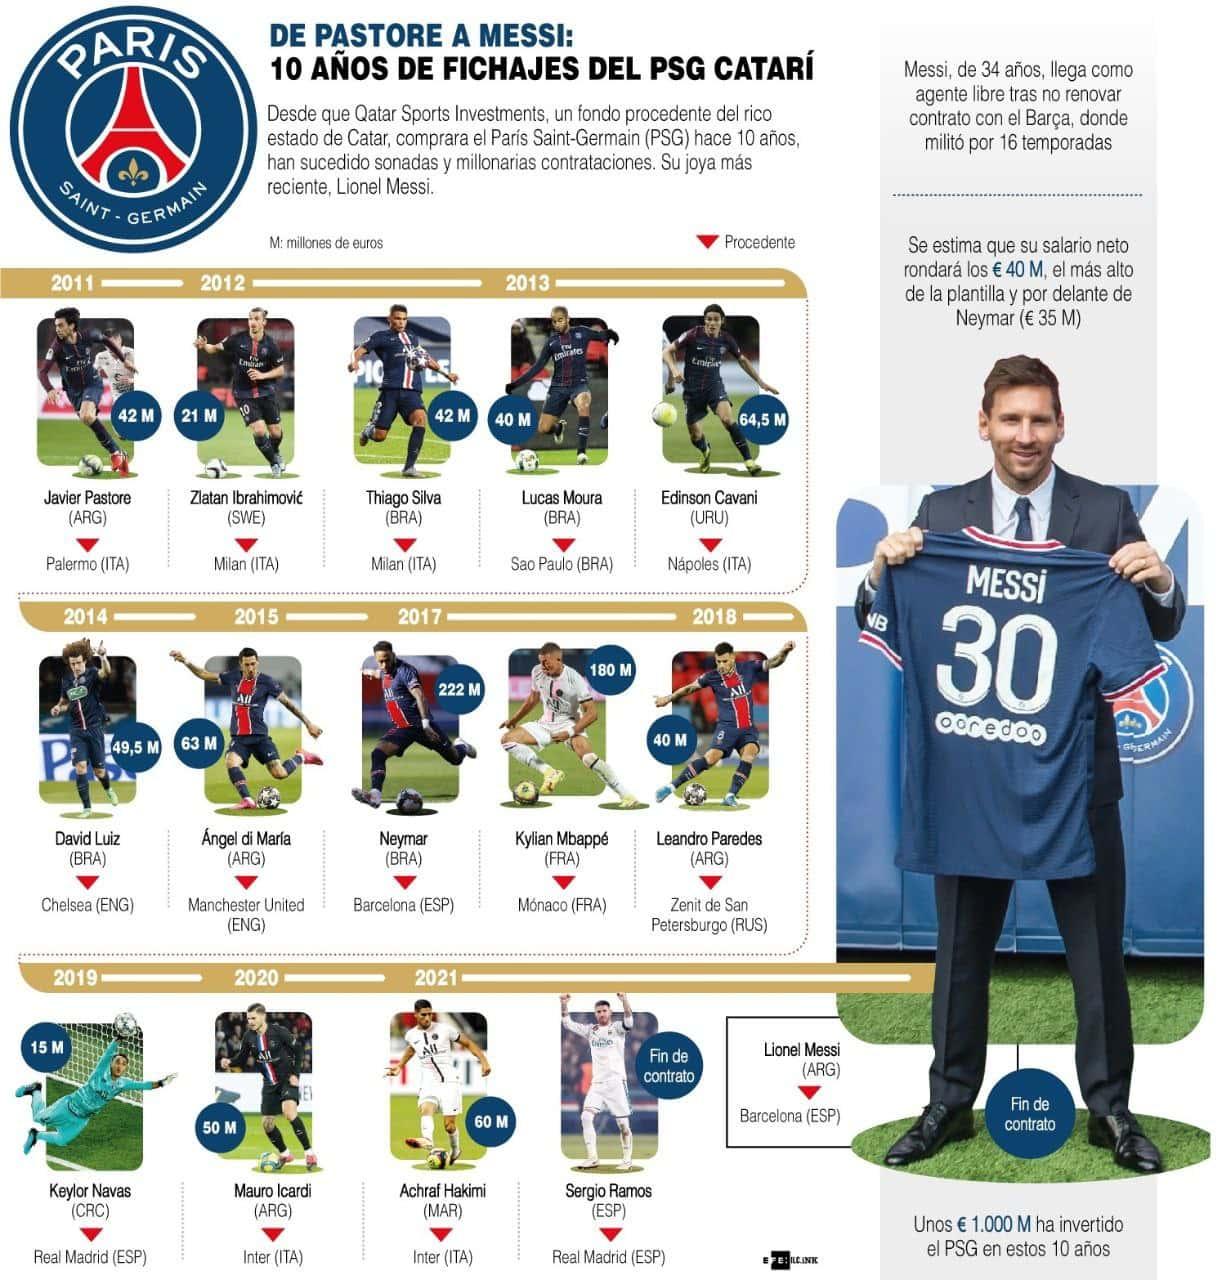 [Infografía] De Pastore a Messi, pasando por Neymar: 10 años de fichajes del PSG catarí 1